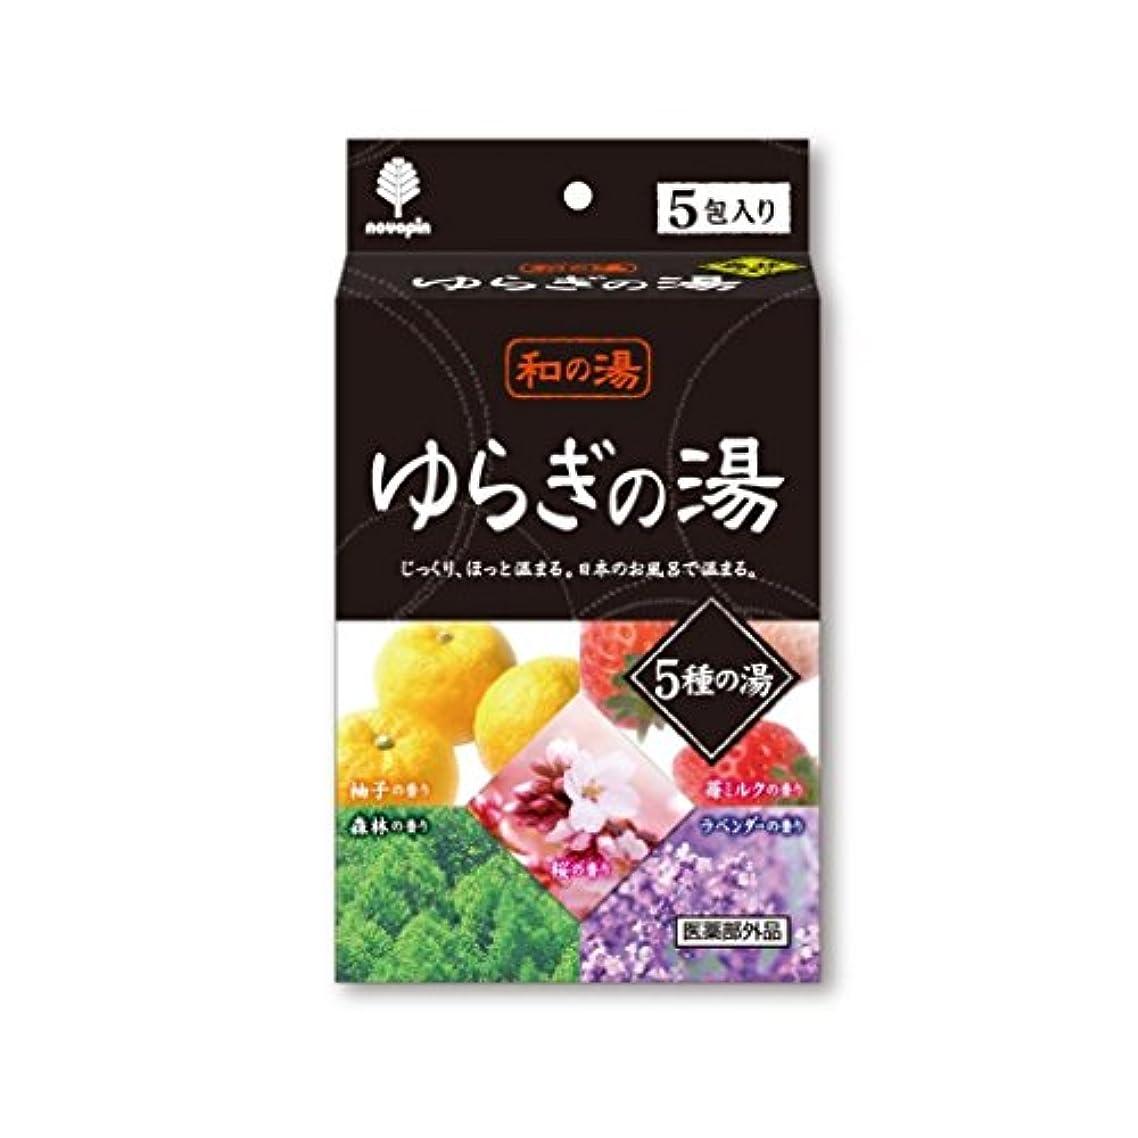 王女から有効な紀陽除虫菊 日本製 Japan 和の湯 ゆらぎの湯 5種の湯 25g×5包入 【まとめ買い10個セット】